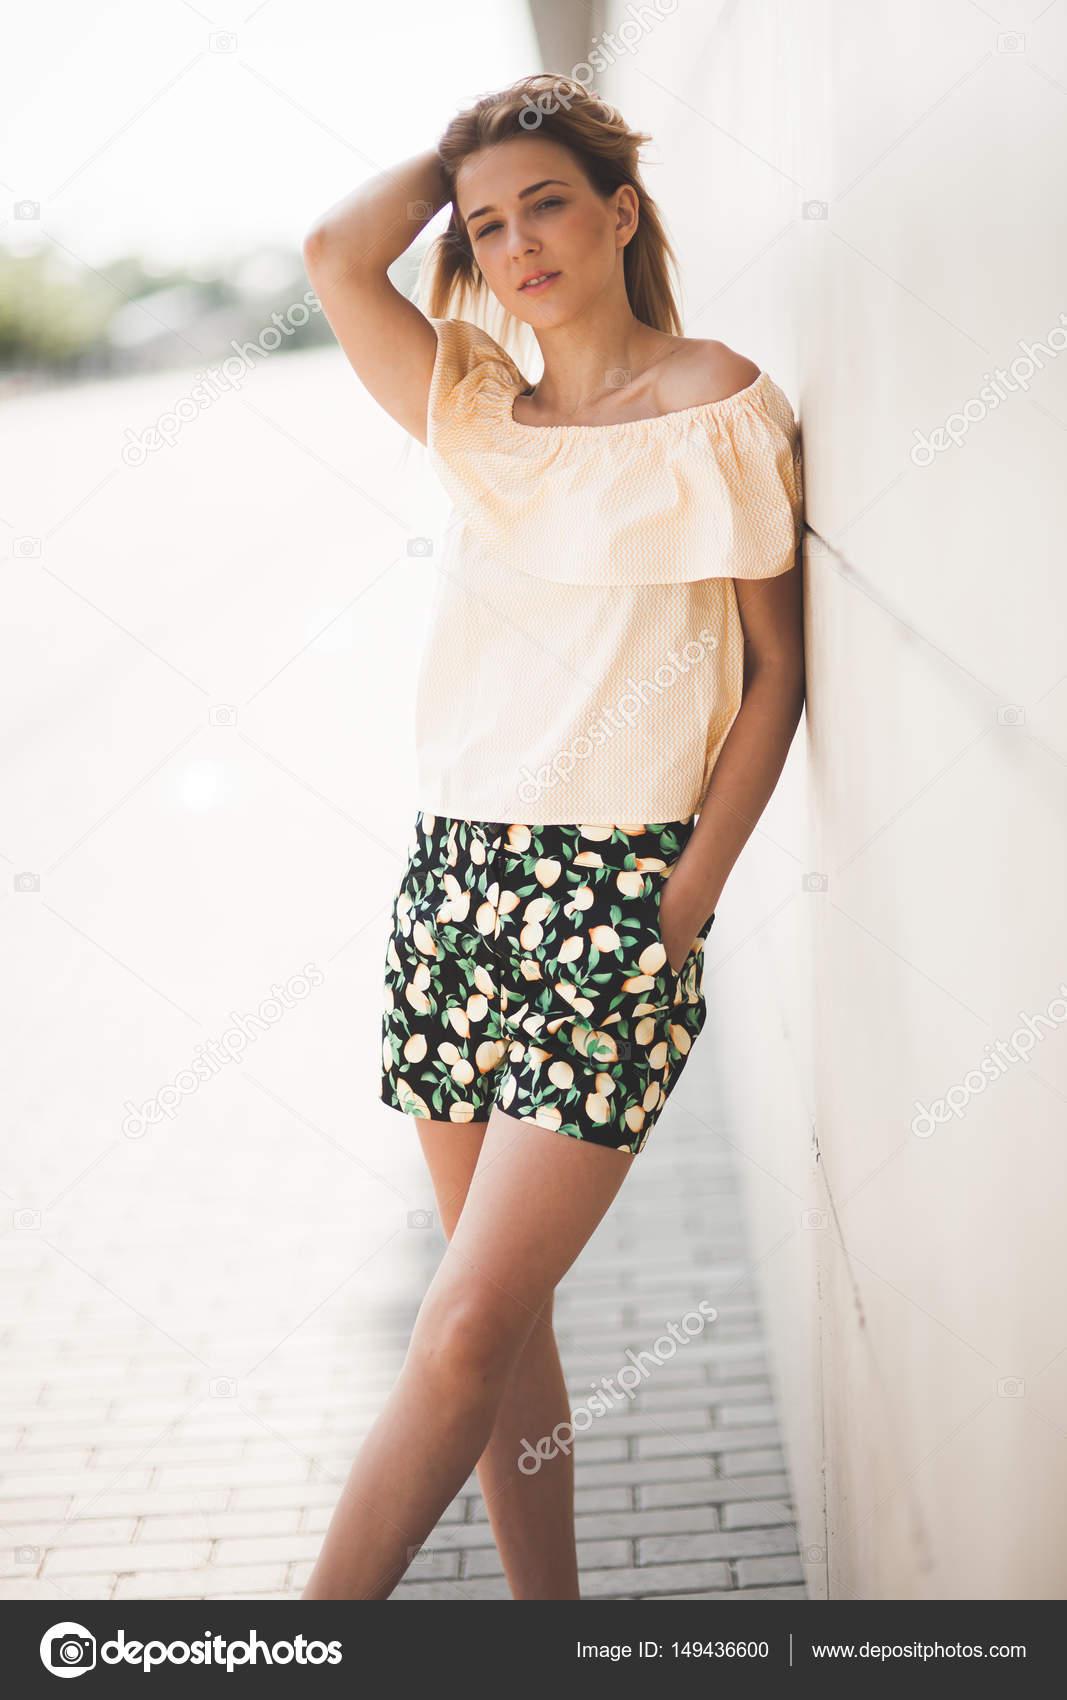 266ab2c37d41 Ropa de verano elegante mujer | Modelo de mujer elegante guapa mujer ...